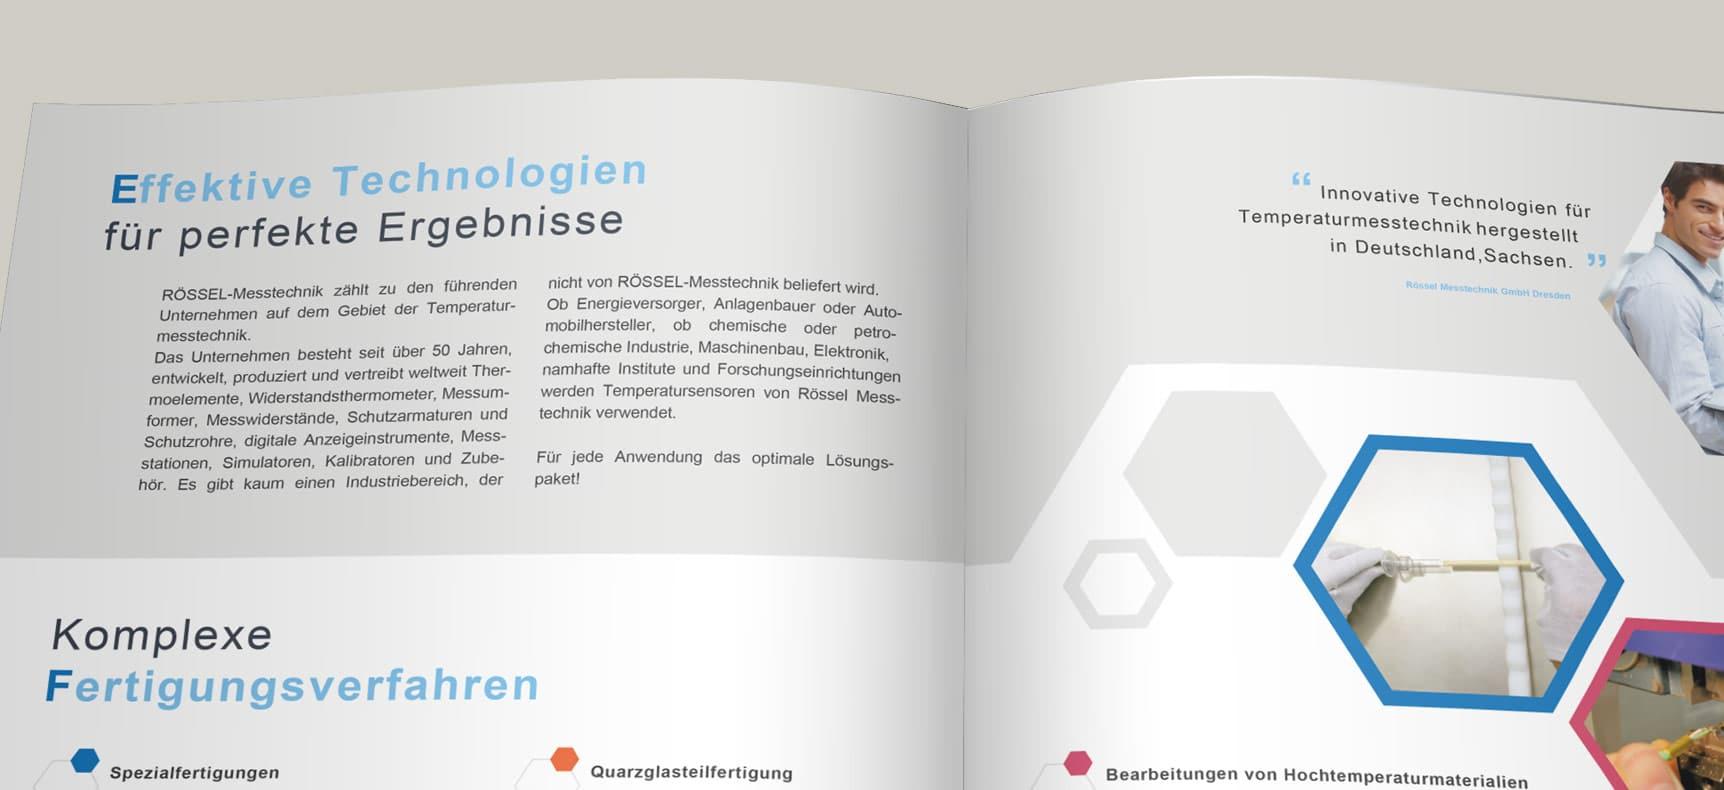 RÖSSEL MESSTECHNIK DRESDEN | IMAGEBROSCHÜRE erstellt von StatusZwo.com